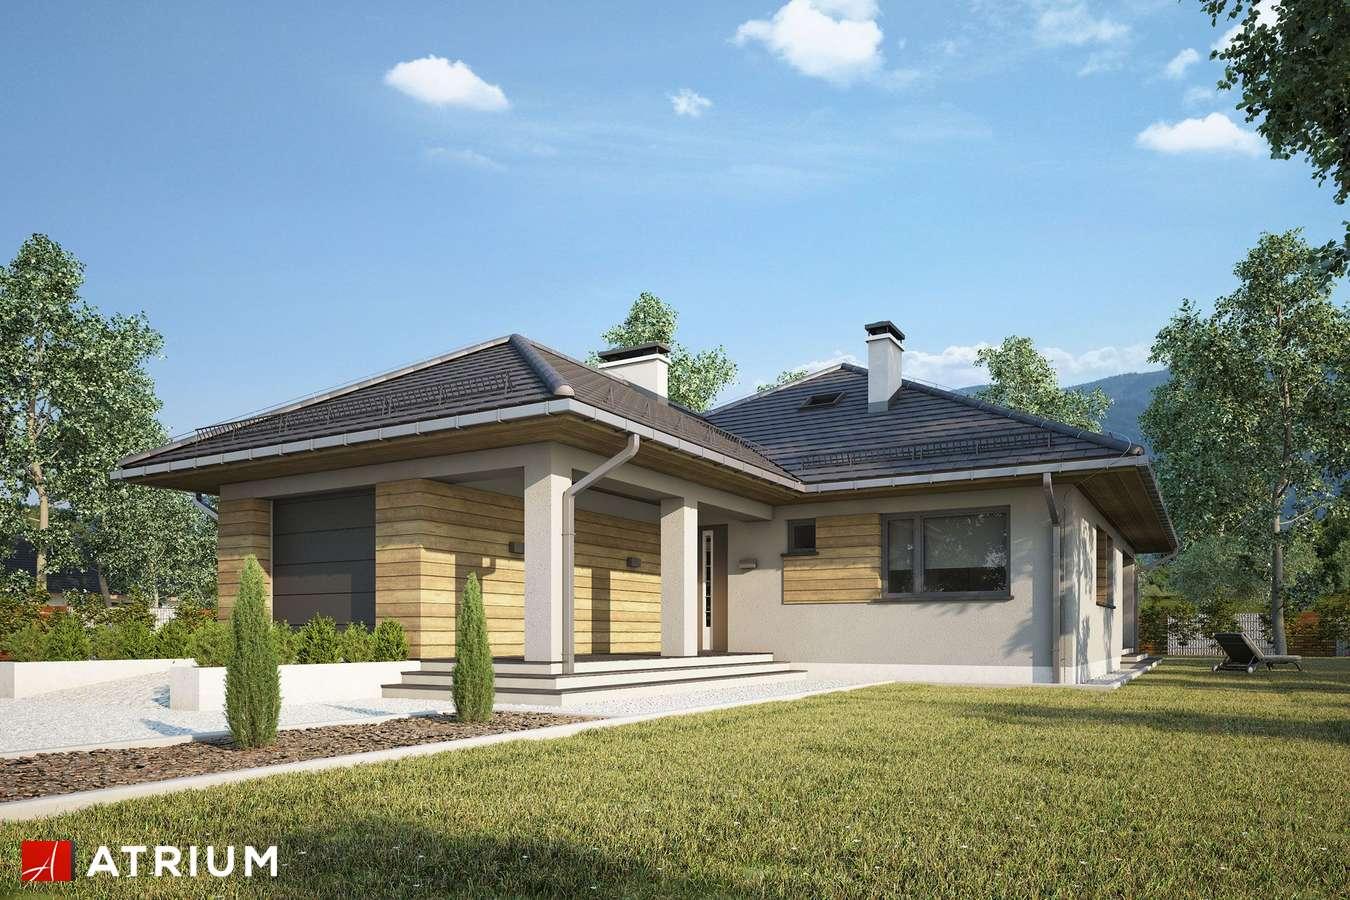 Projekty domów - Projekt domu parterowego TIP TOP IV - wizualizacja 2